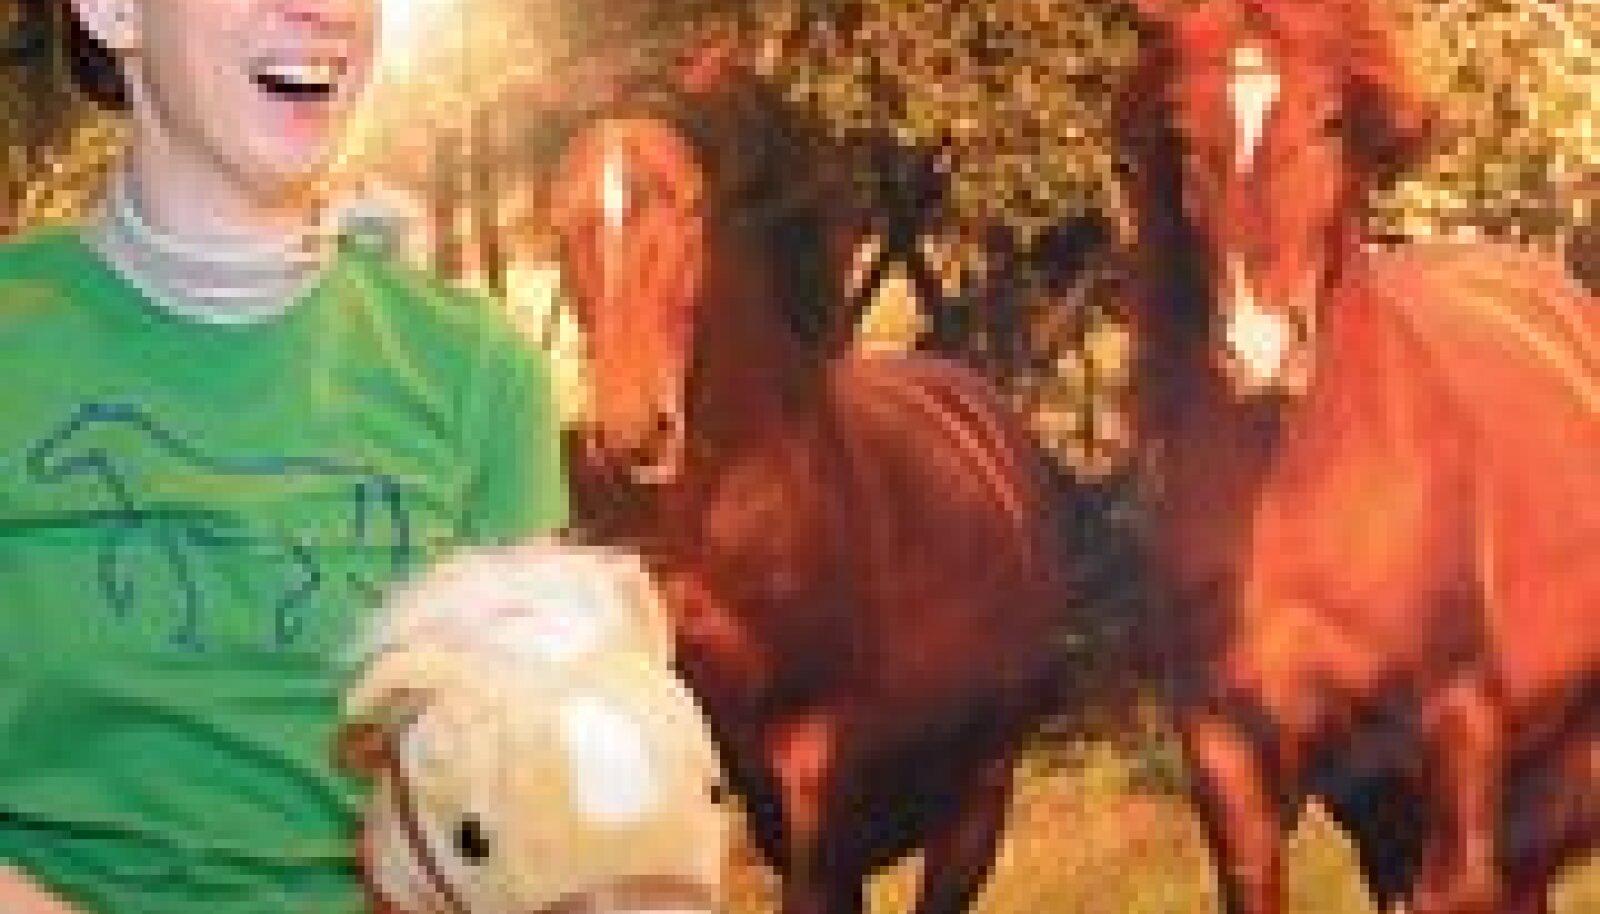 MTÜ Vana-Tori Hobuse Ühingu perenaine Ute Wohlrab on õnnelik – vanatüübilistest tori hobustest huvituvate inimeste arv suureneb iga päevaga.